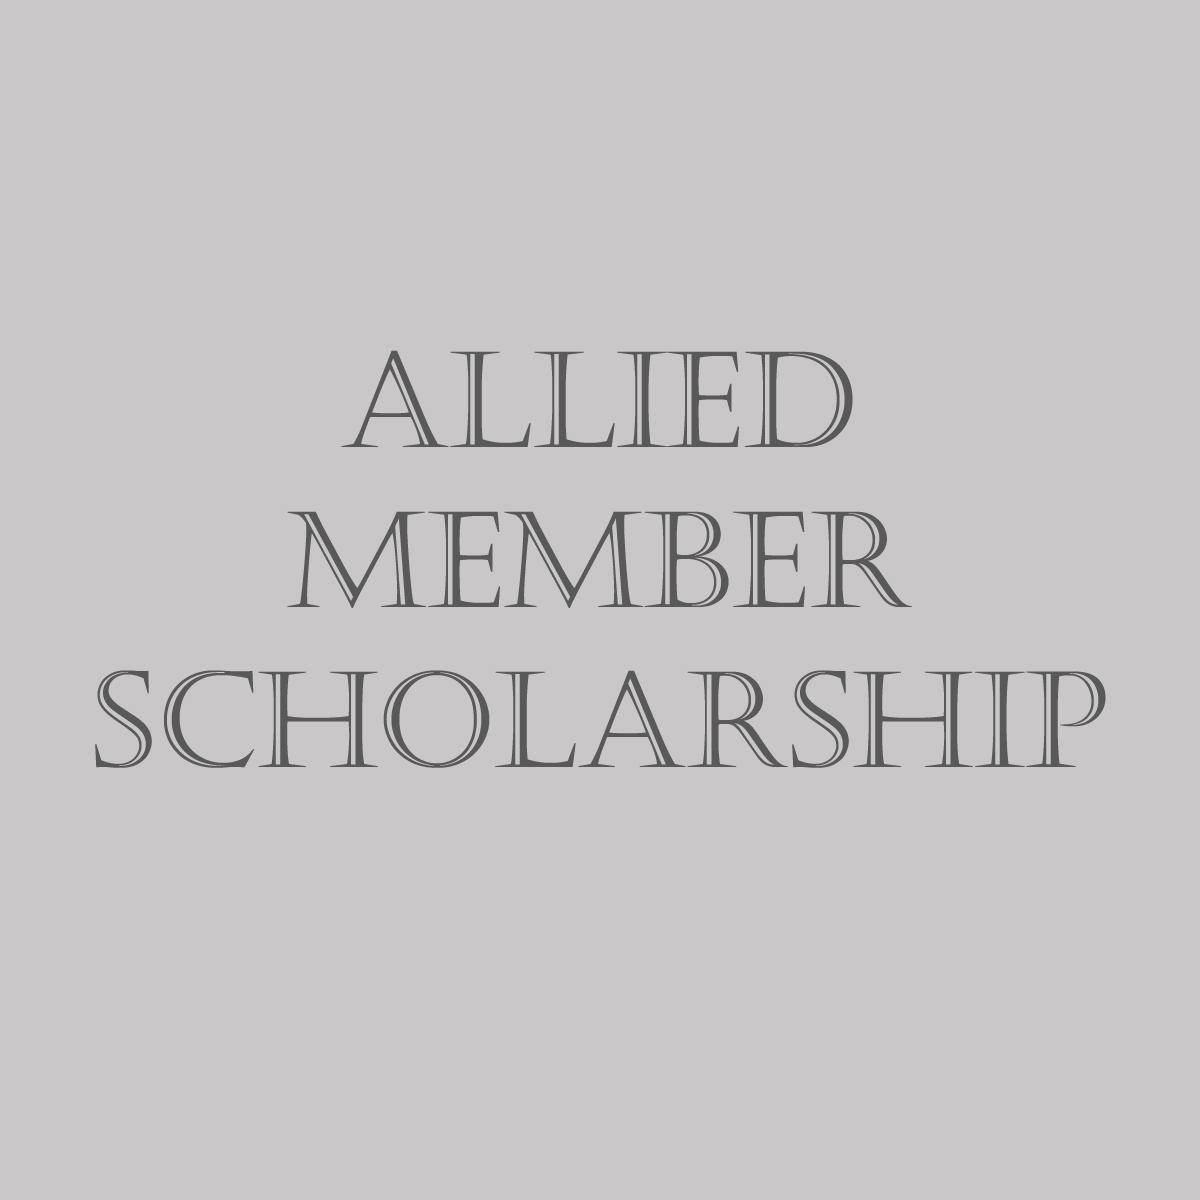 Allied Member Scholarship.jpg